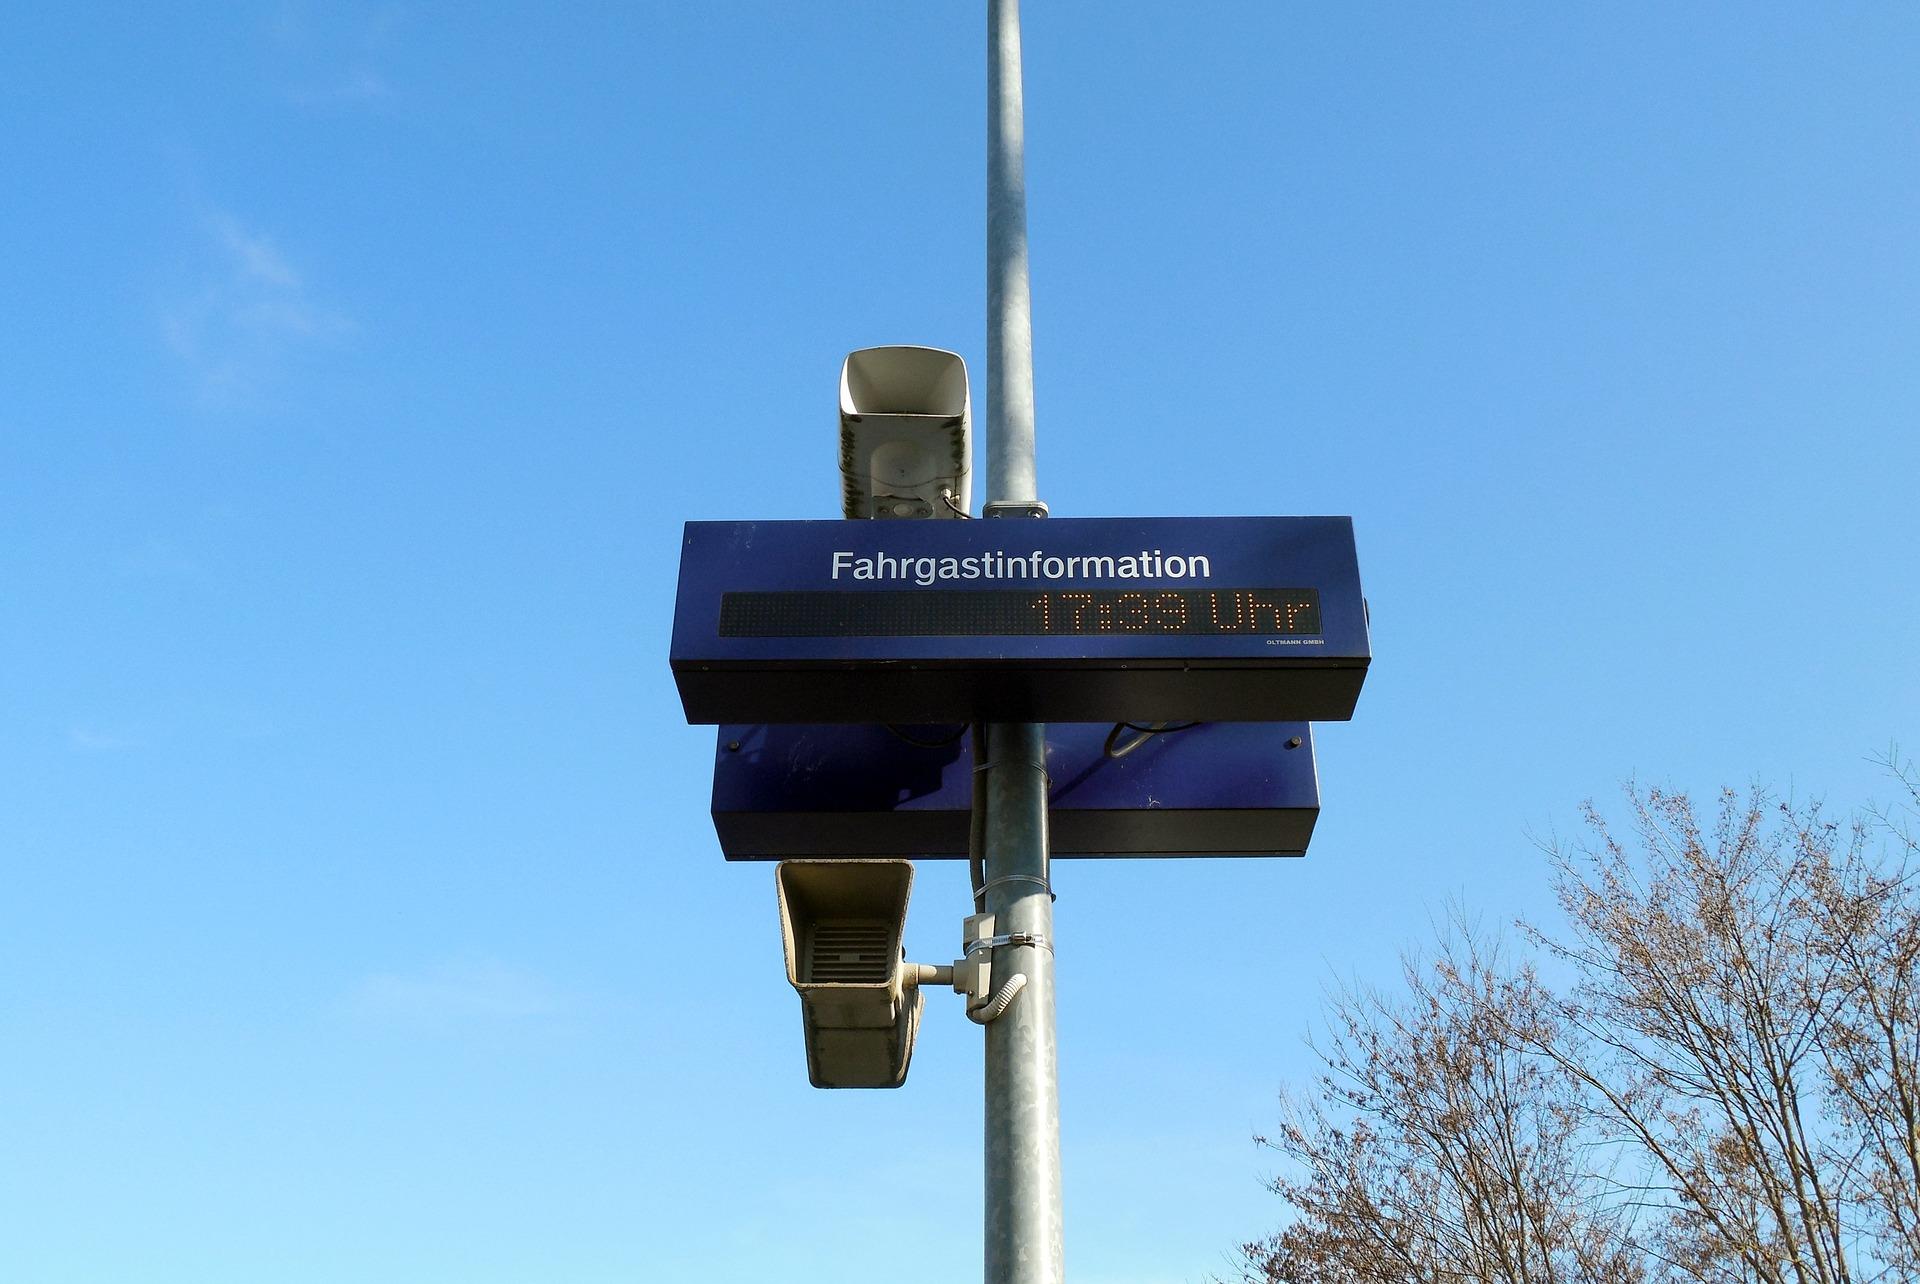 Foto von einer Einzeilen Fahrgastinformation-Anzeige und daneben vier Lautsprecher montiert.